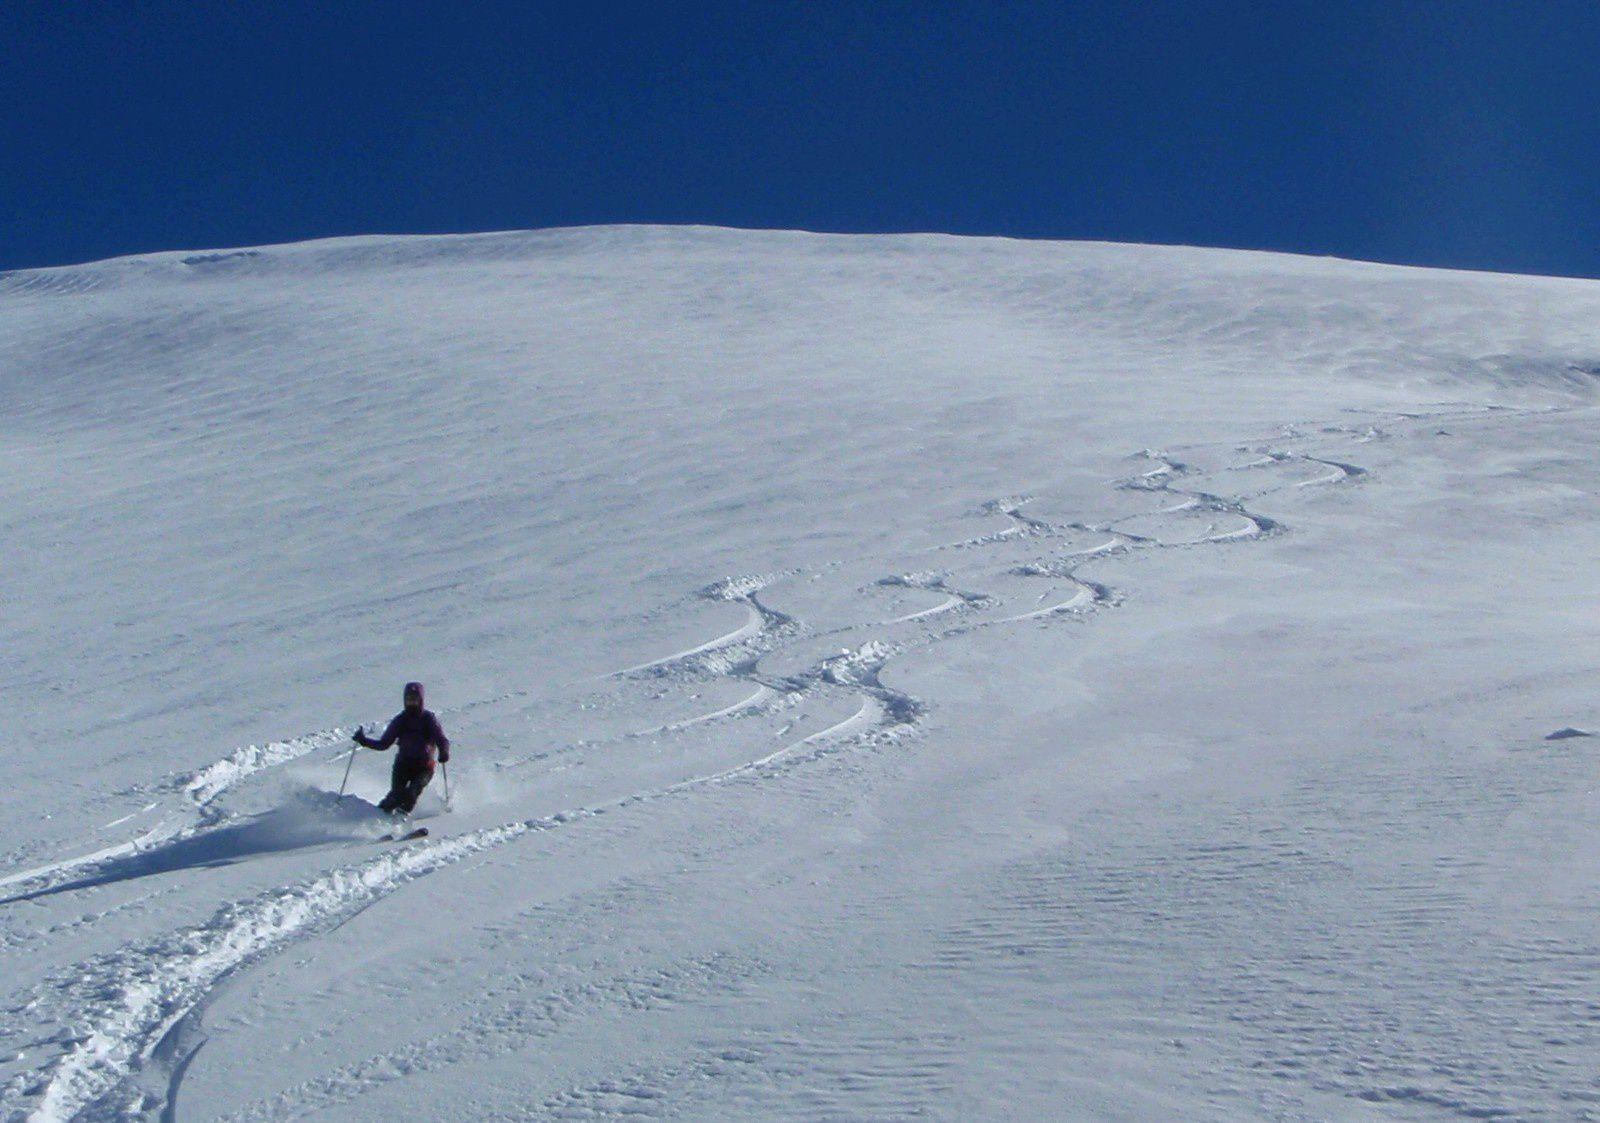 La neige vierge des Alpes du Sud à porté de la main, même pas besoin d'aller en hélico en Italie pour en profiter.